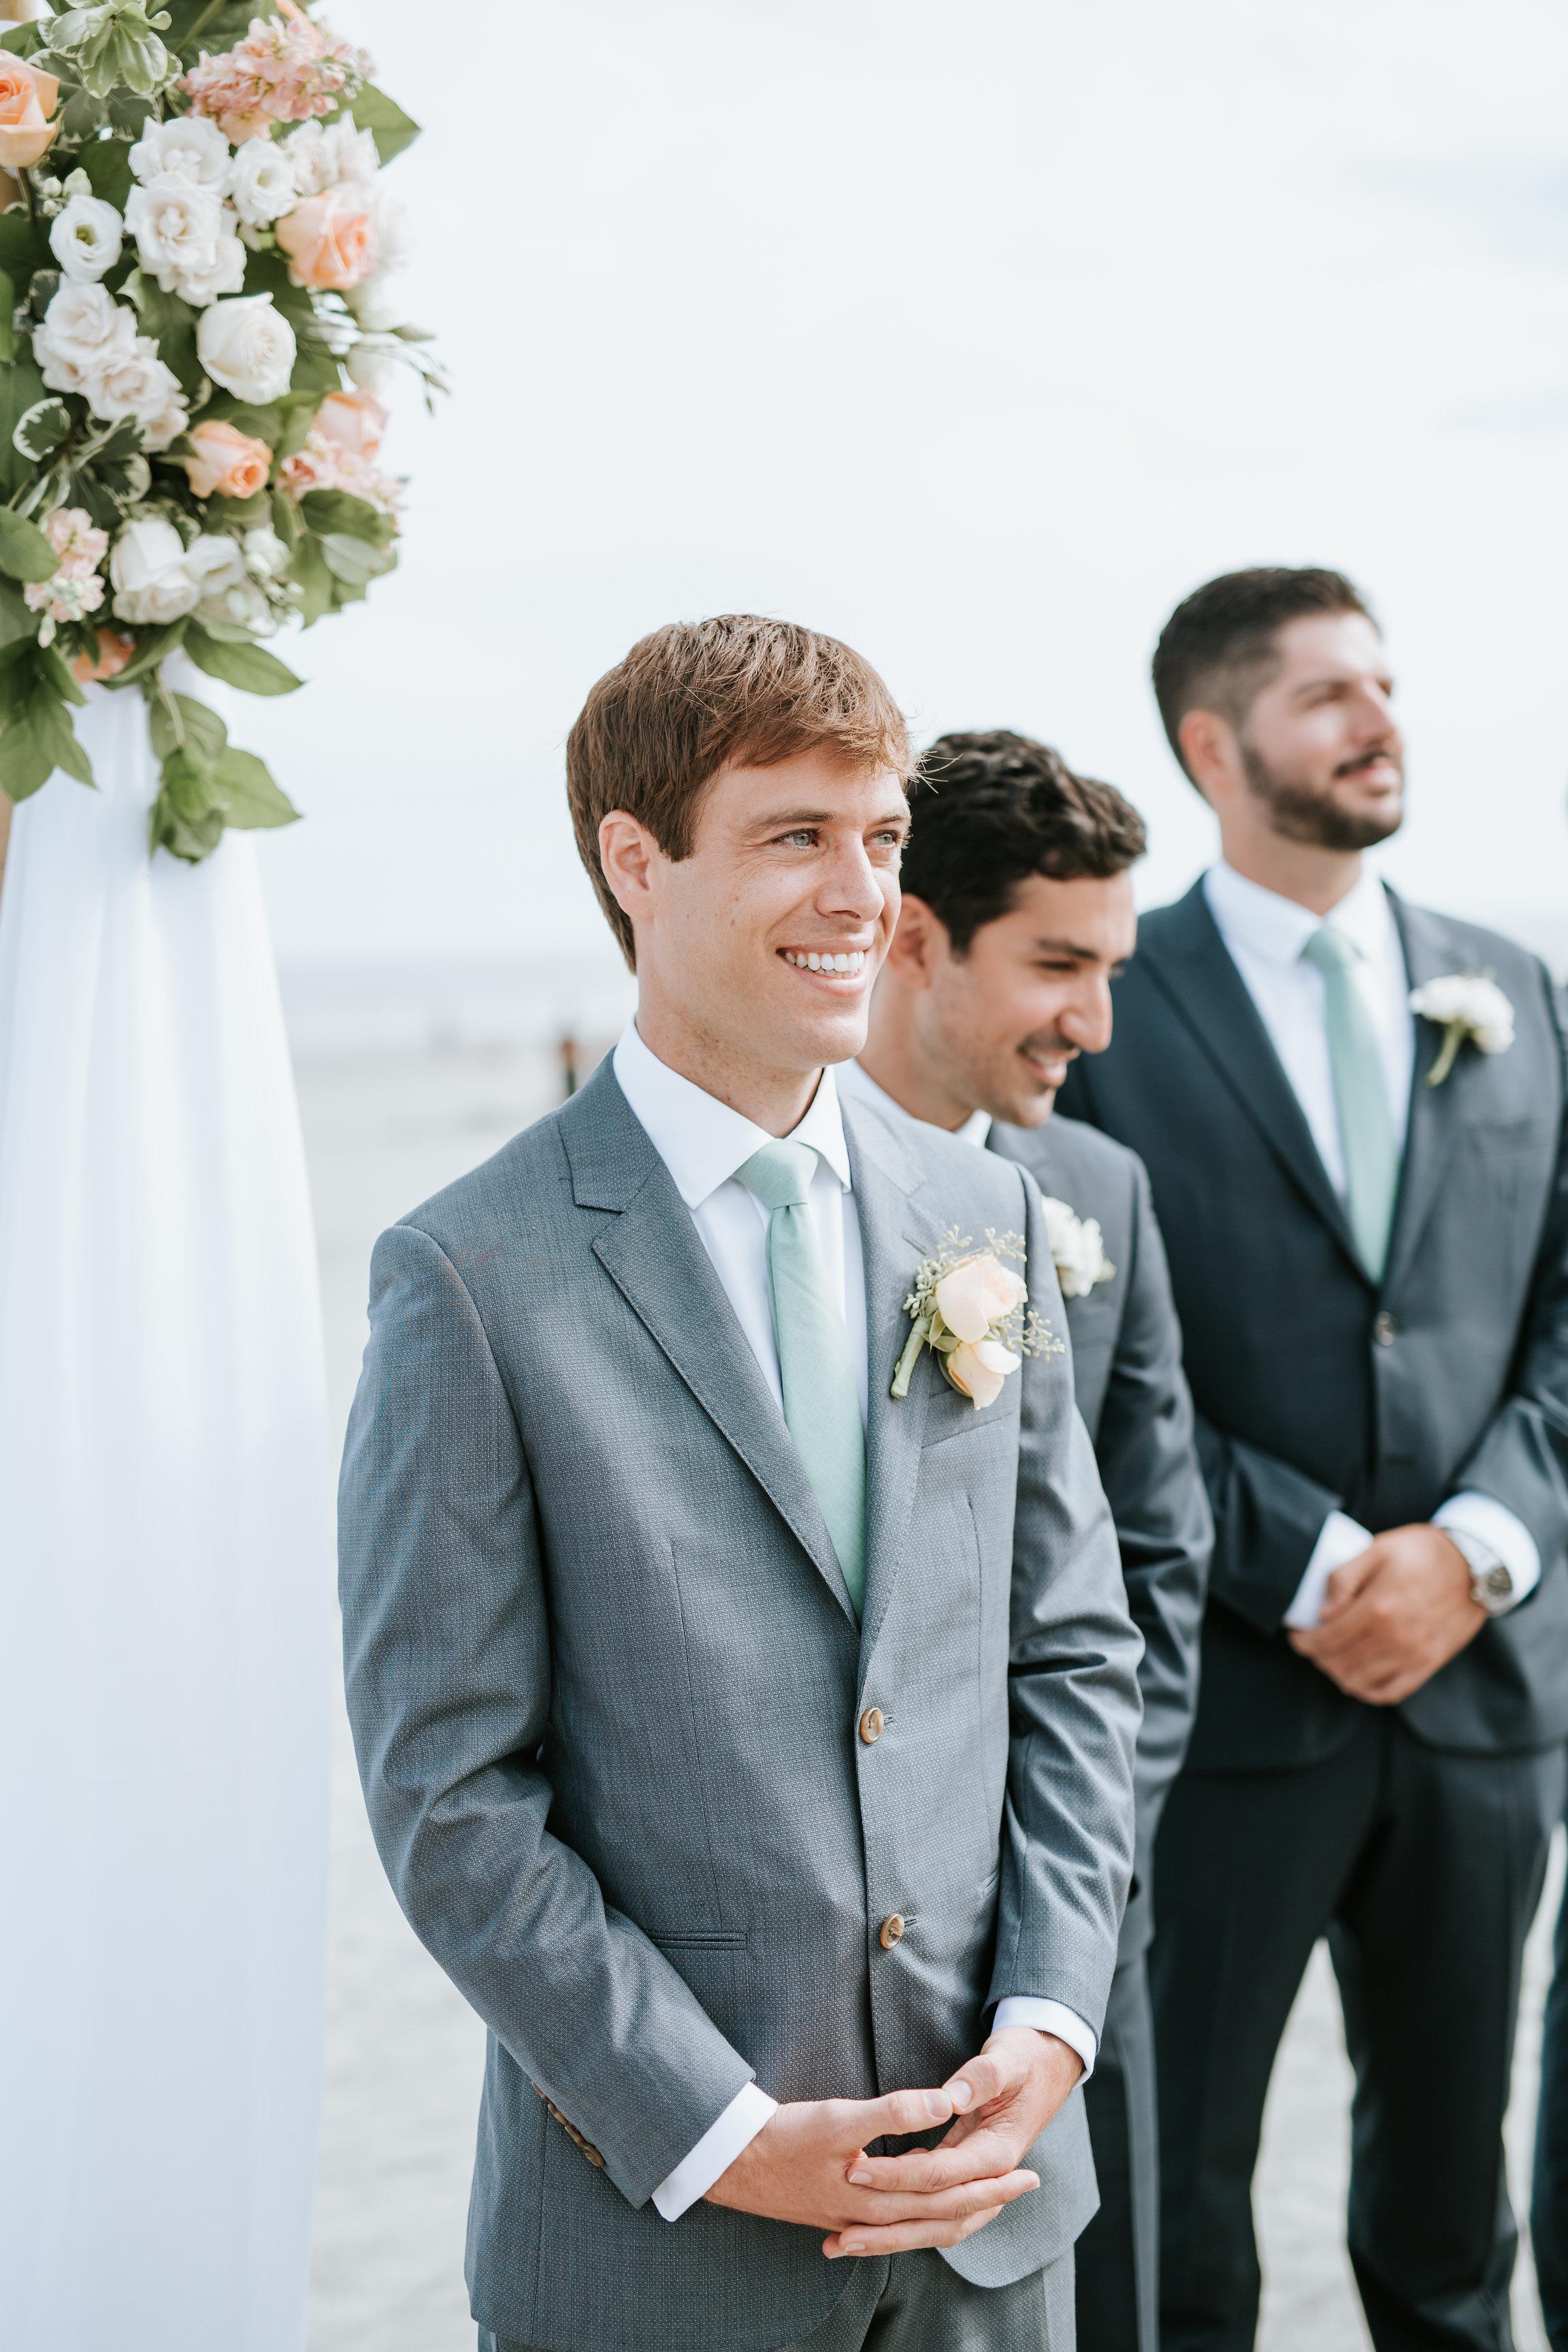 omni-hilton-head-wedding-39.jpg